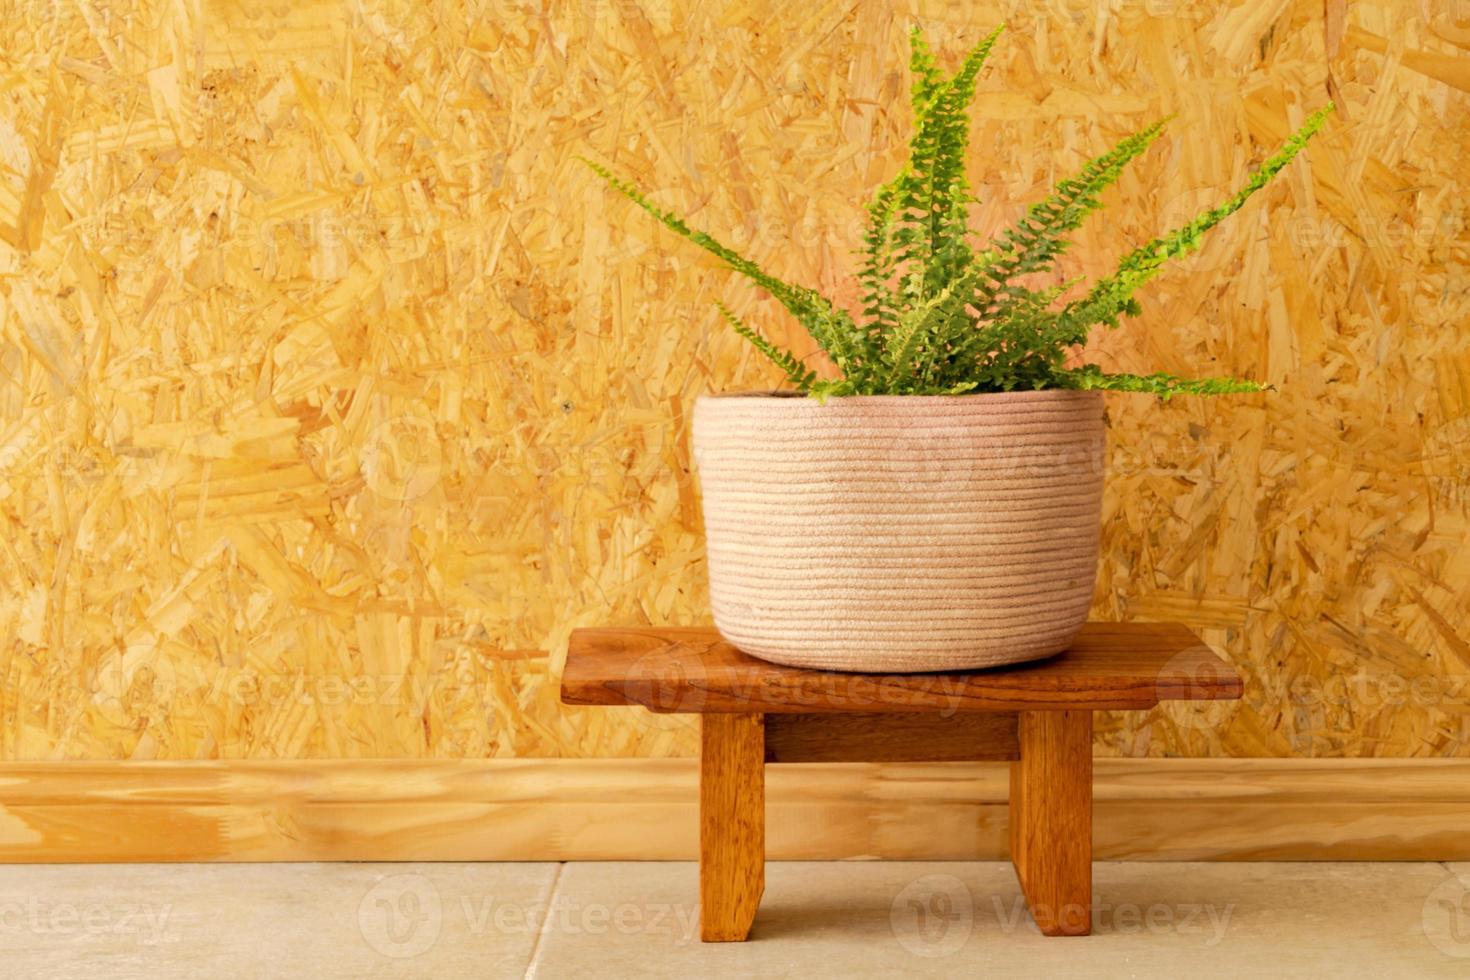 Un helecho en una maceta tejida sobre una pared de madera de color marrón claro foto